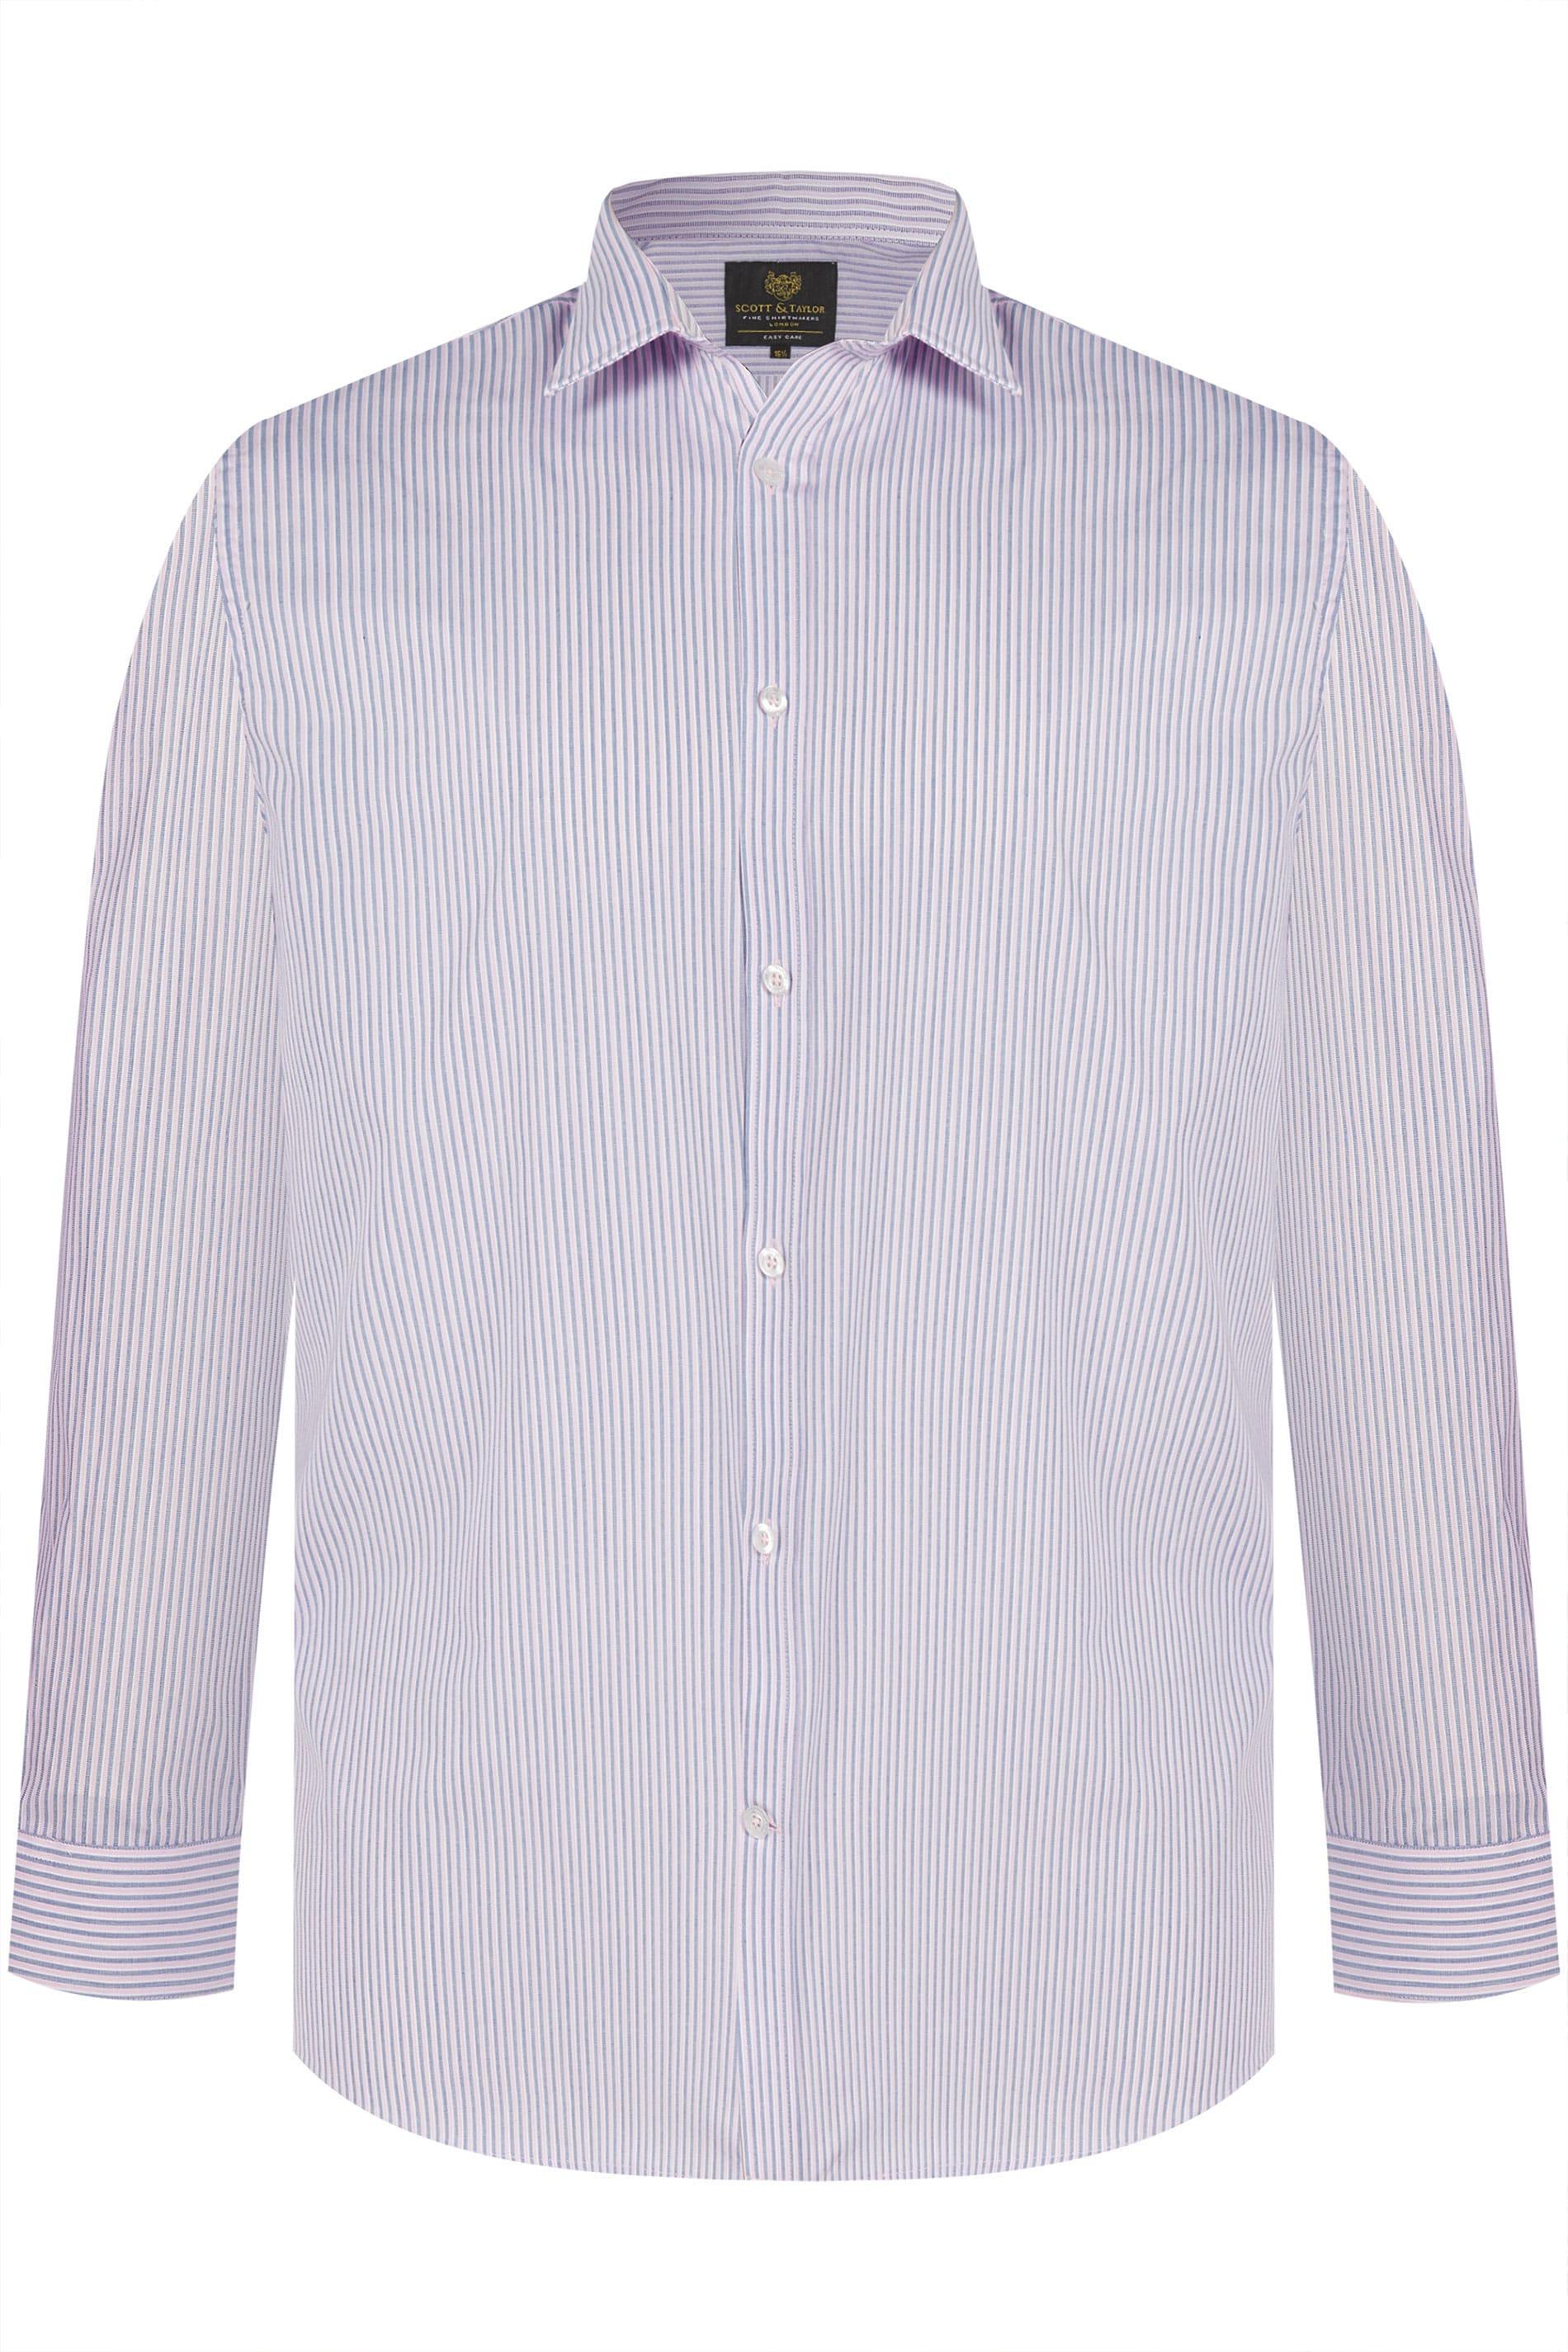 SCOTT & TAYLOR Hemd aus Streifenstoff - Pink/Navy